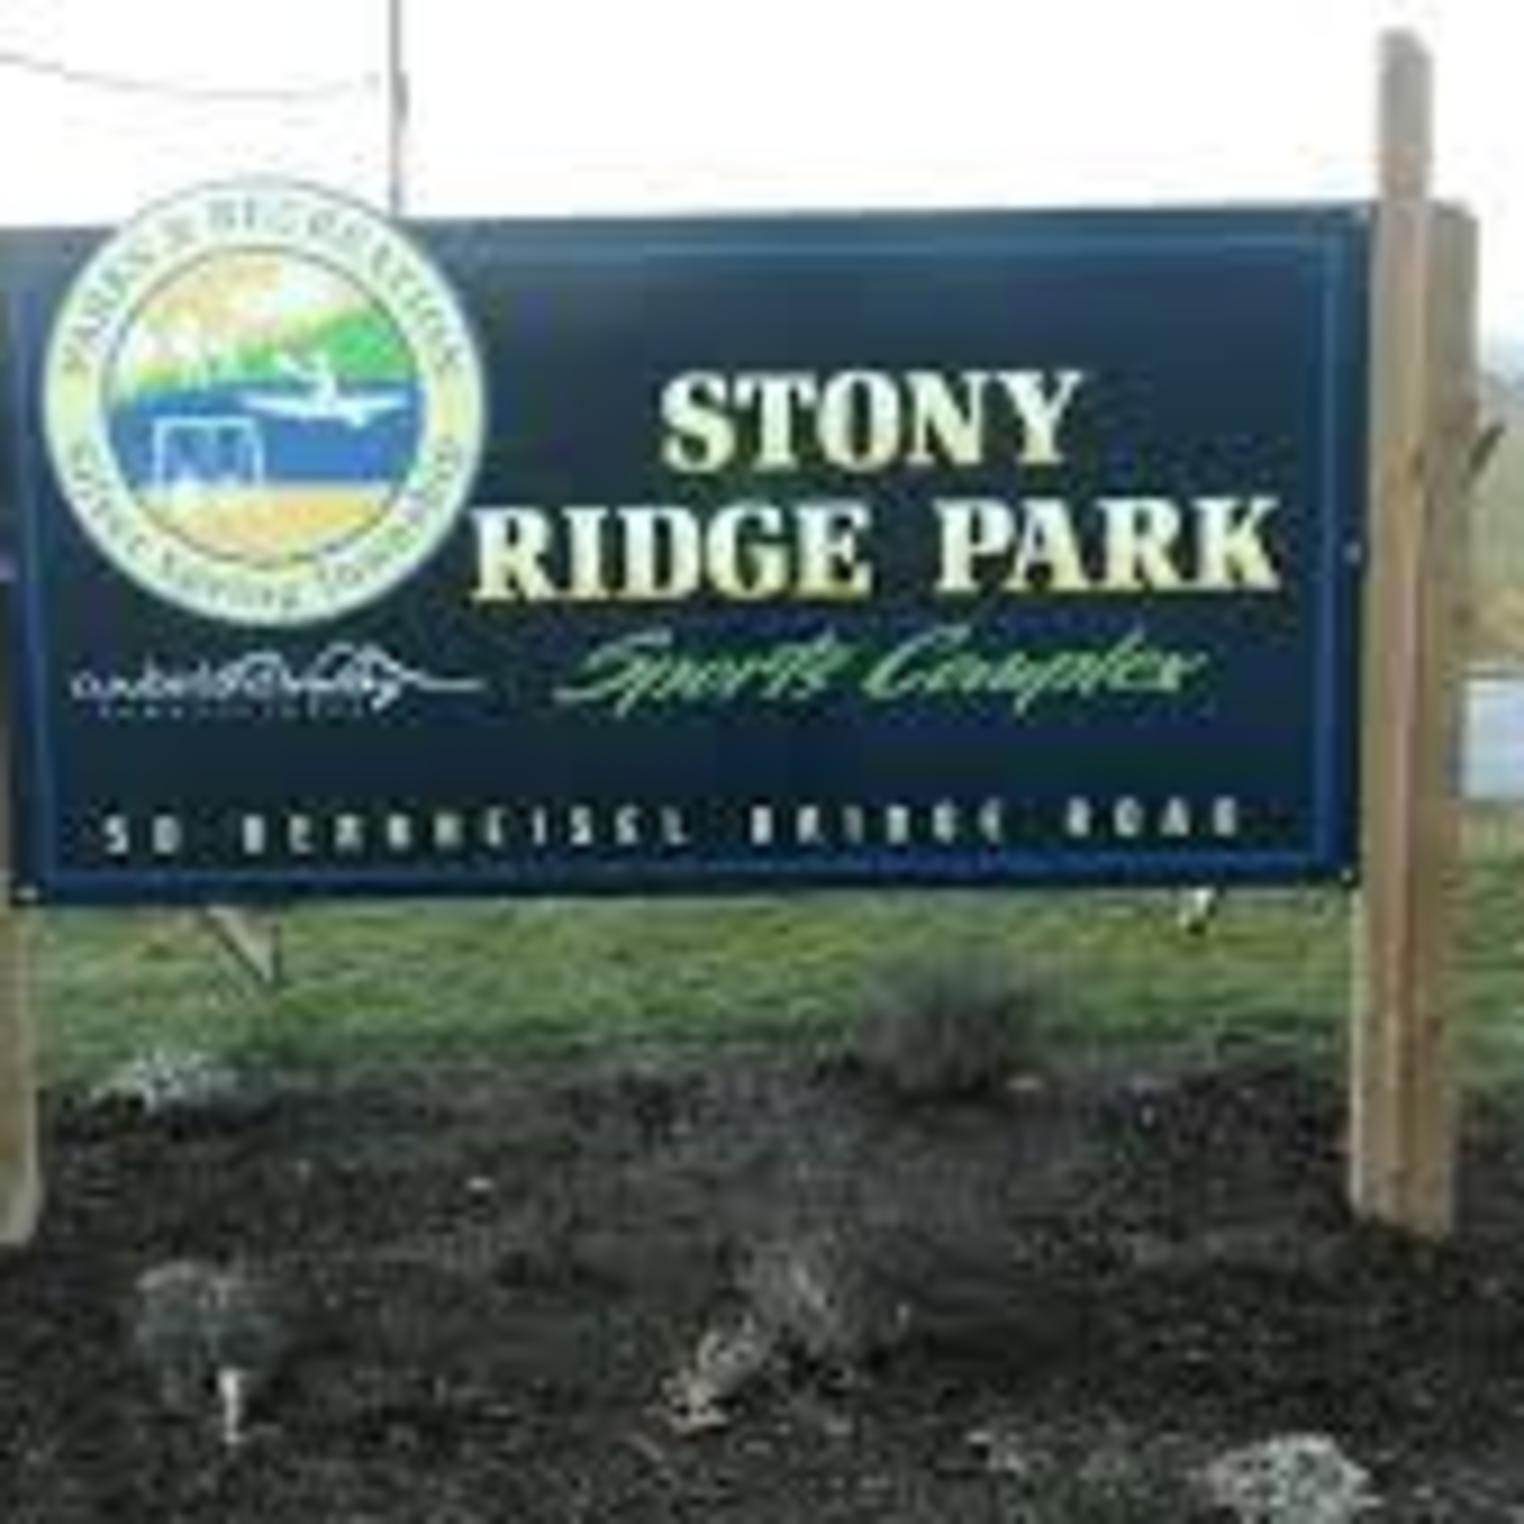 Stony Ridge Park